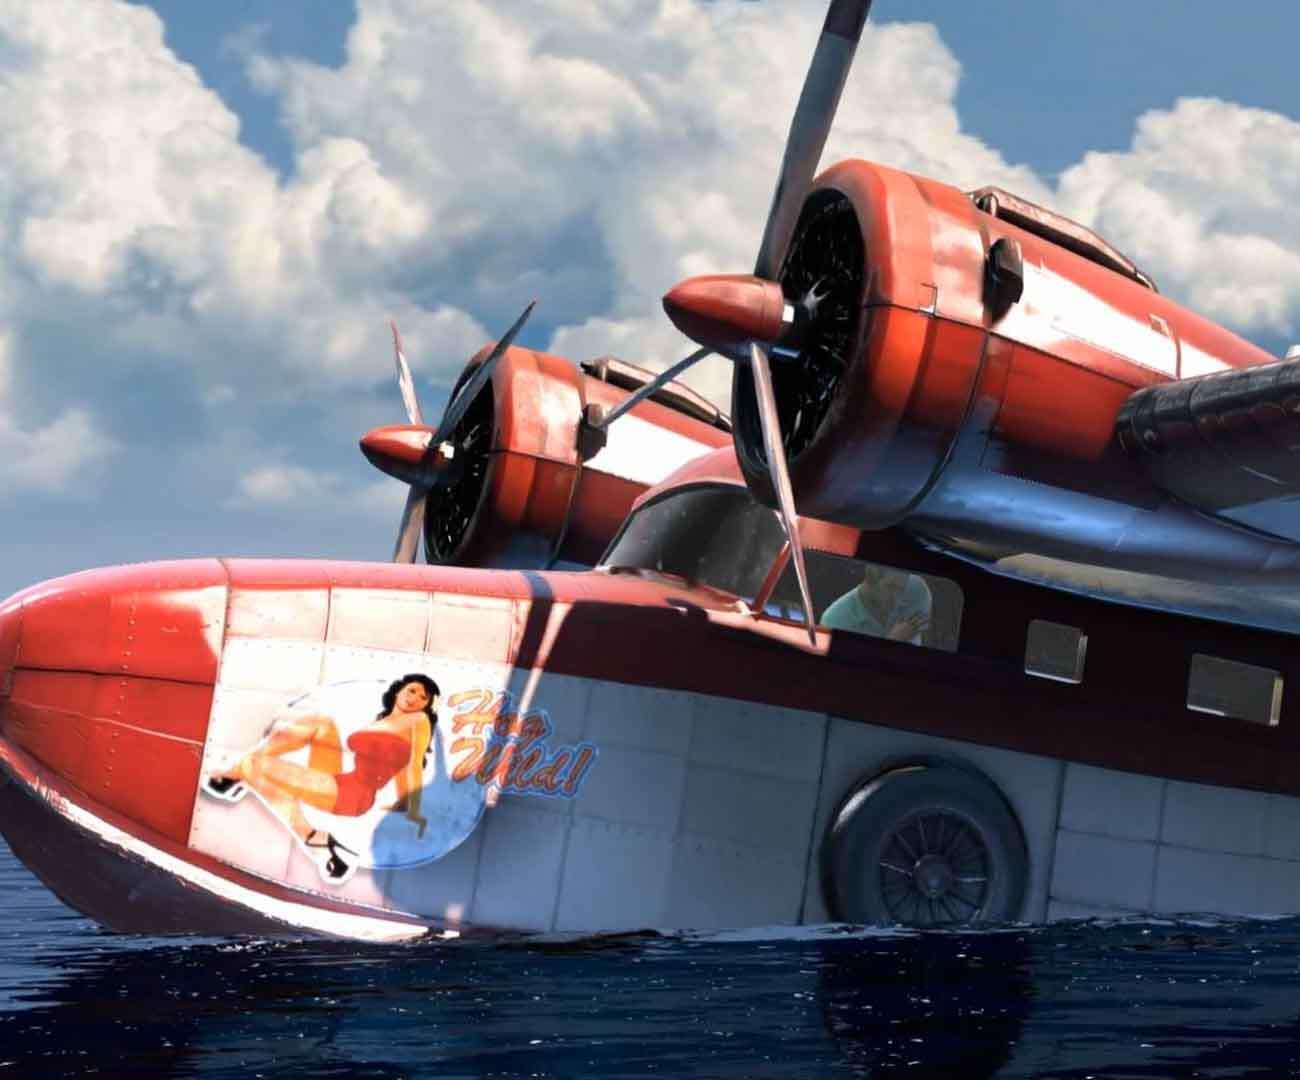 Samolot Sully'ego z Uncharted rozbił się w The Last of Us i nikt nie zauważył